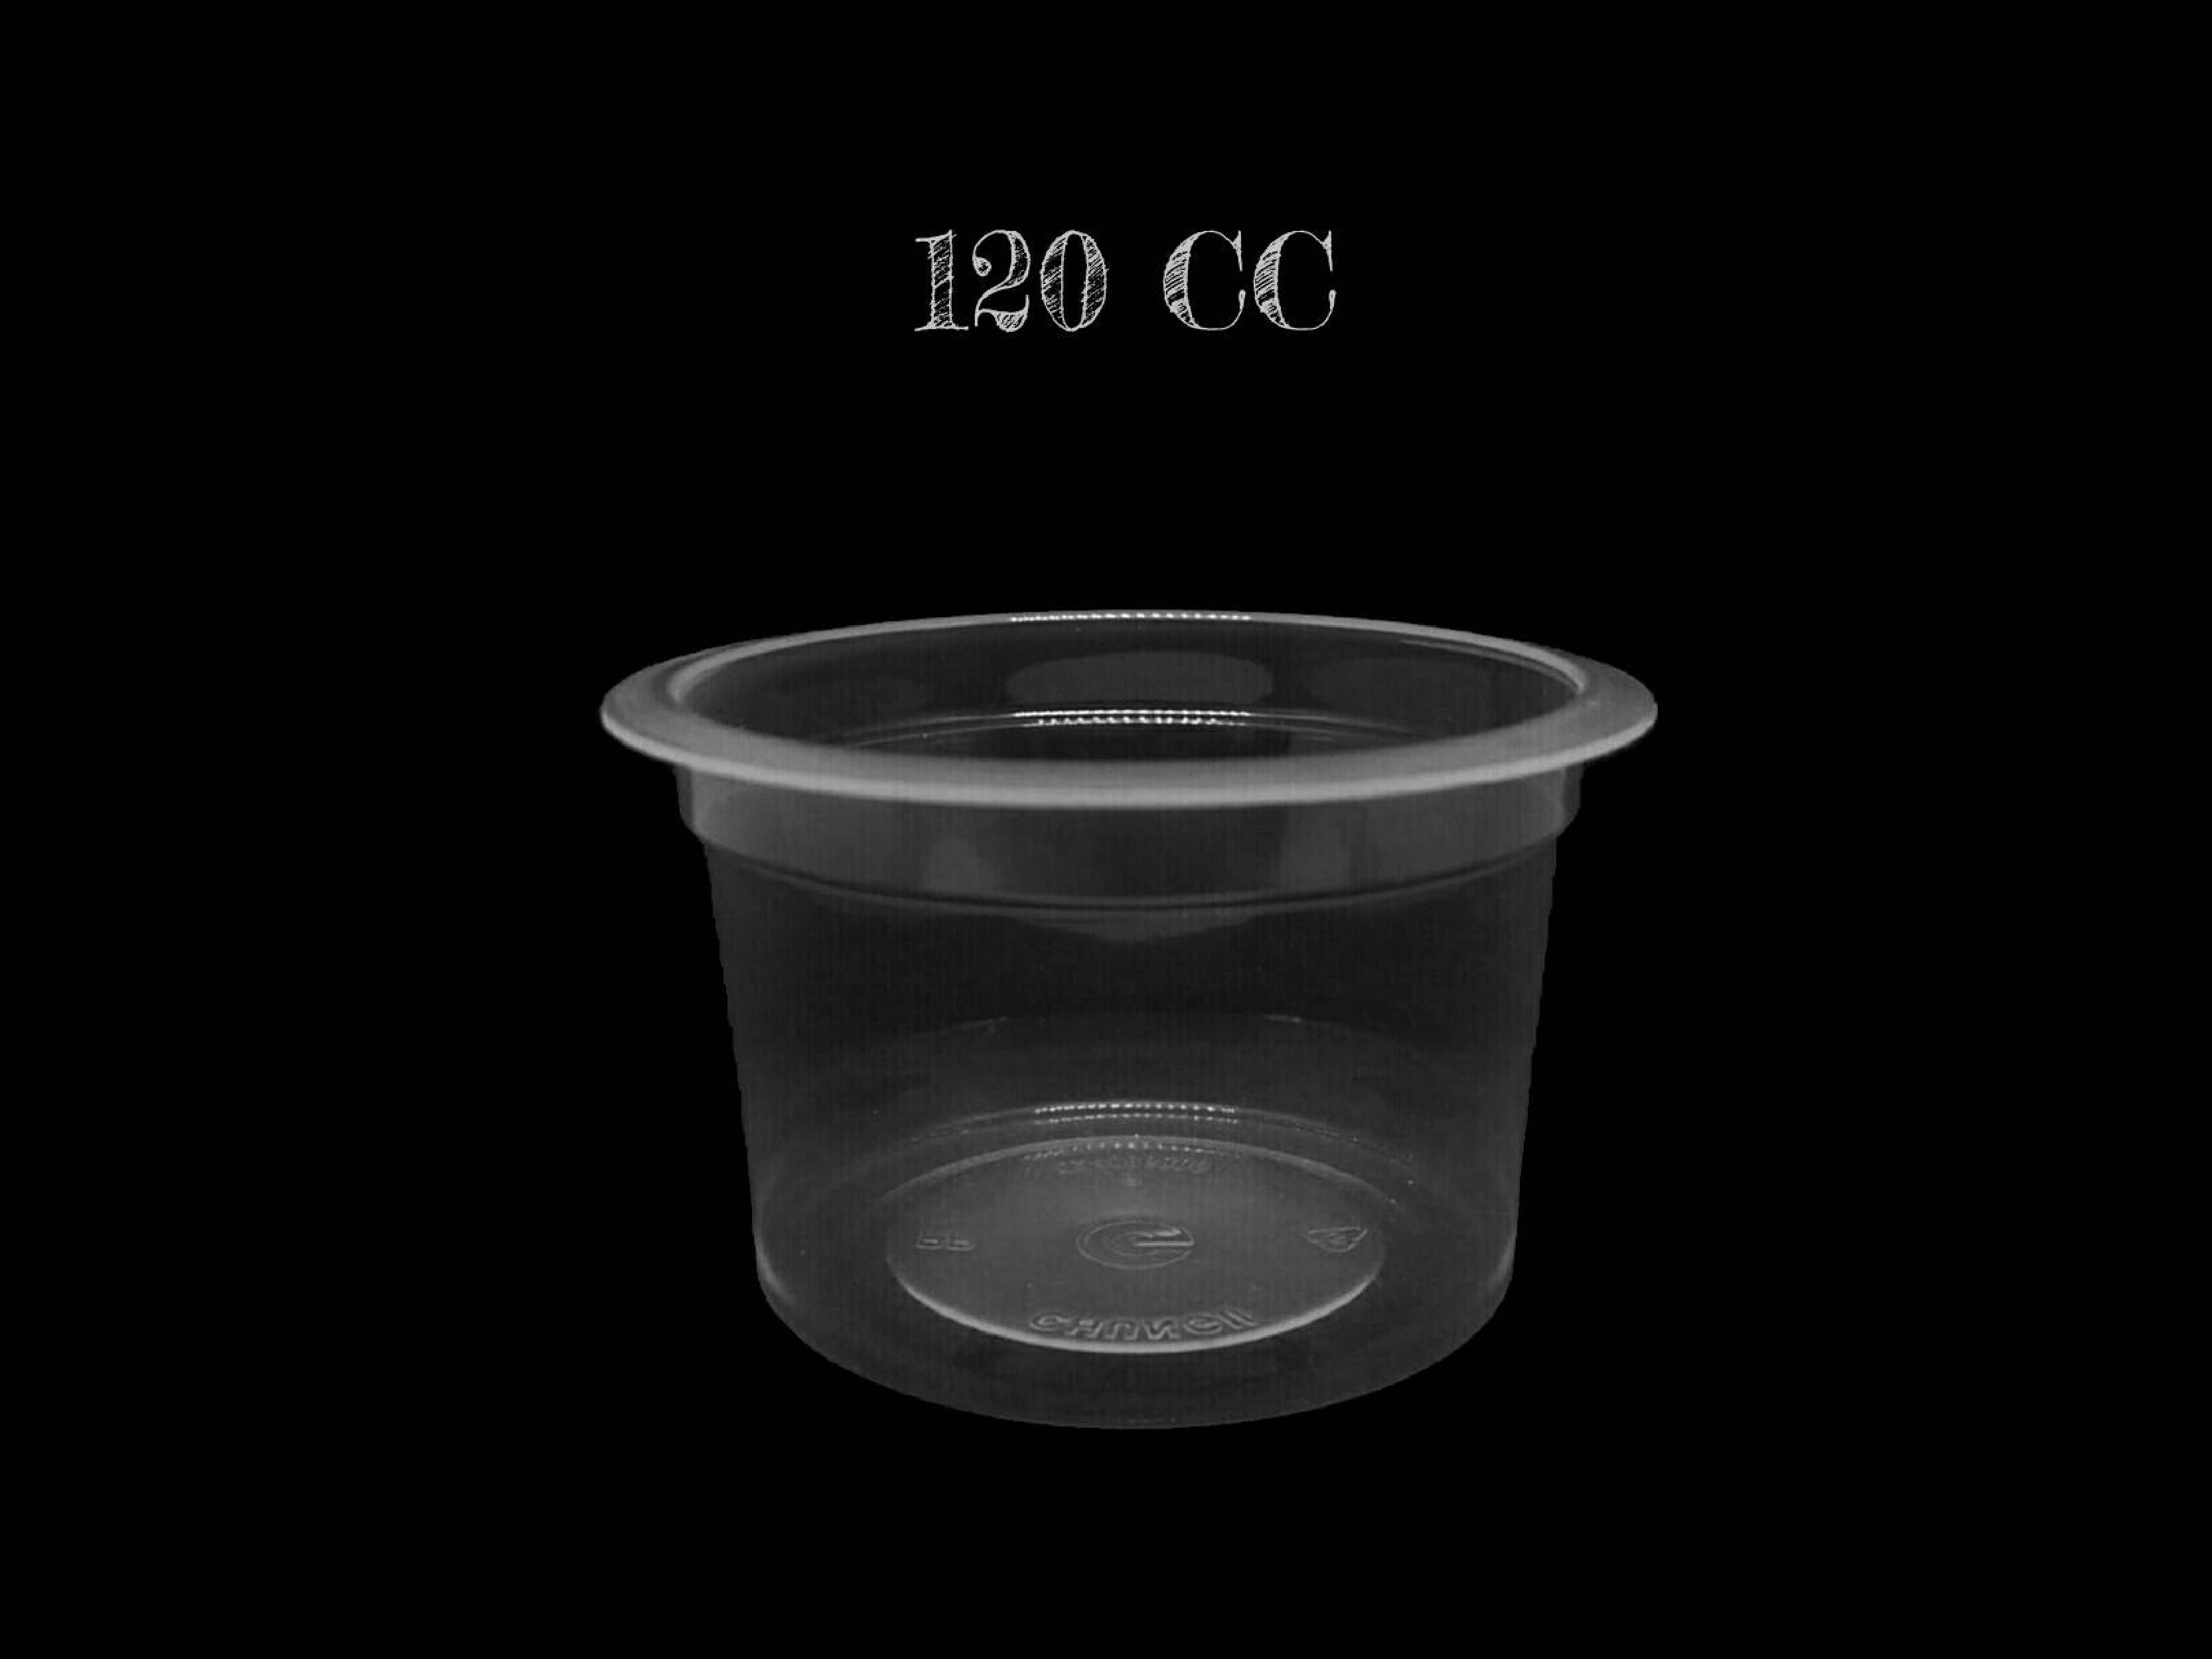 ถ้วยพลาสติกบรรจุน้ำ 120 cc หรือ  4 oz (ถ้วยน้ำสายการบิน)